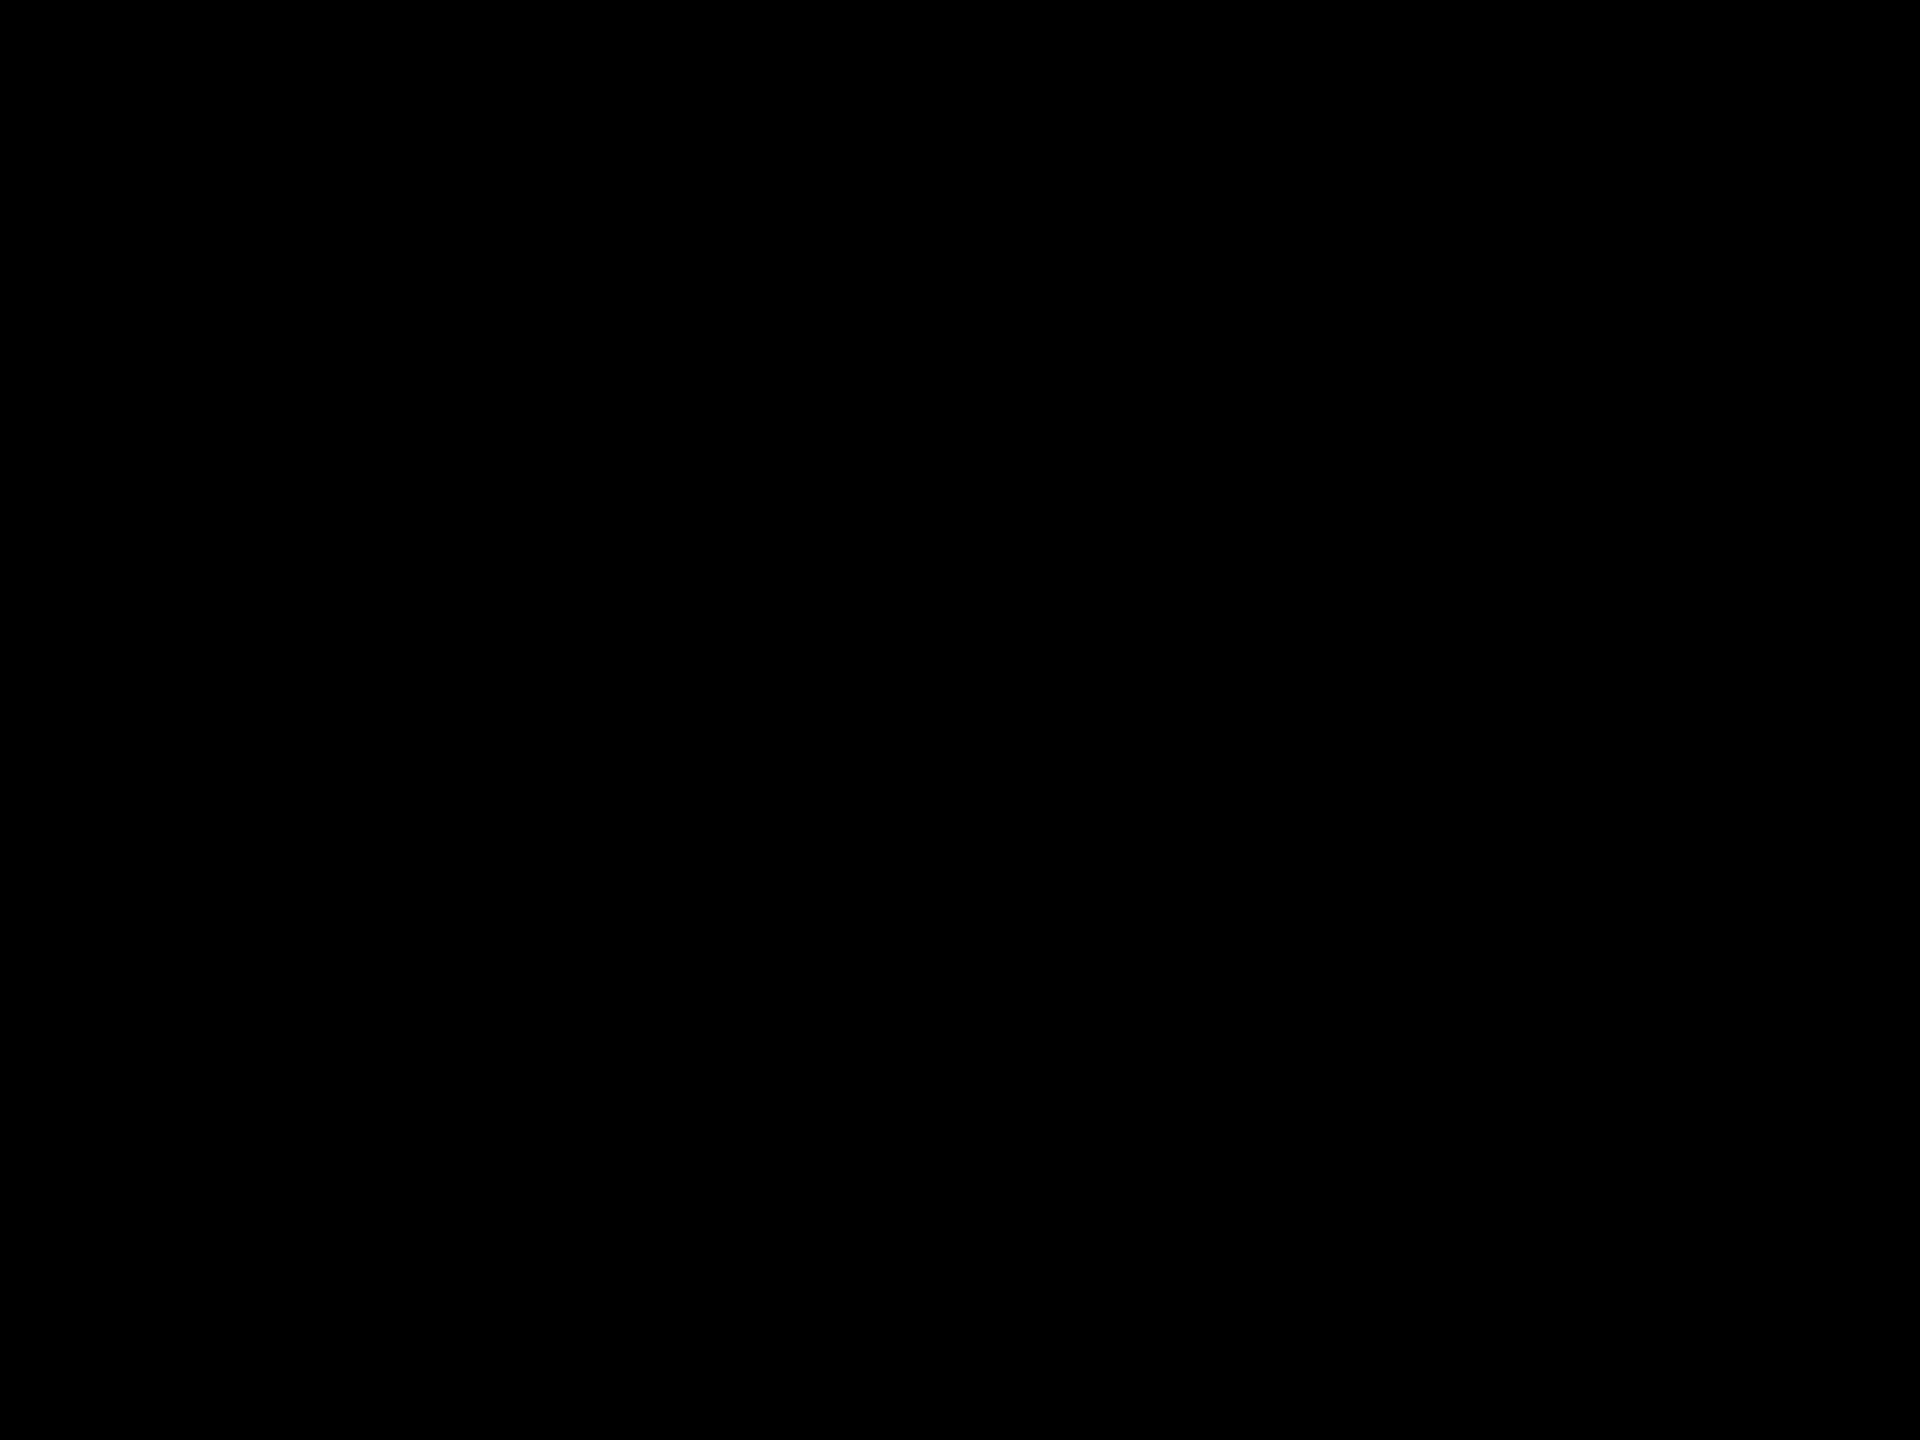 京成3000形の型紙(太帯のみ)